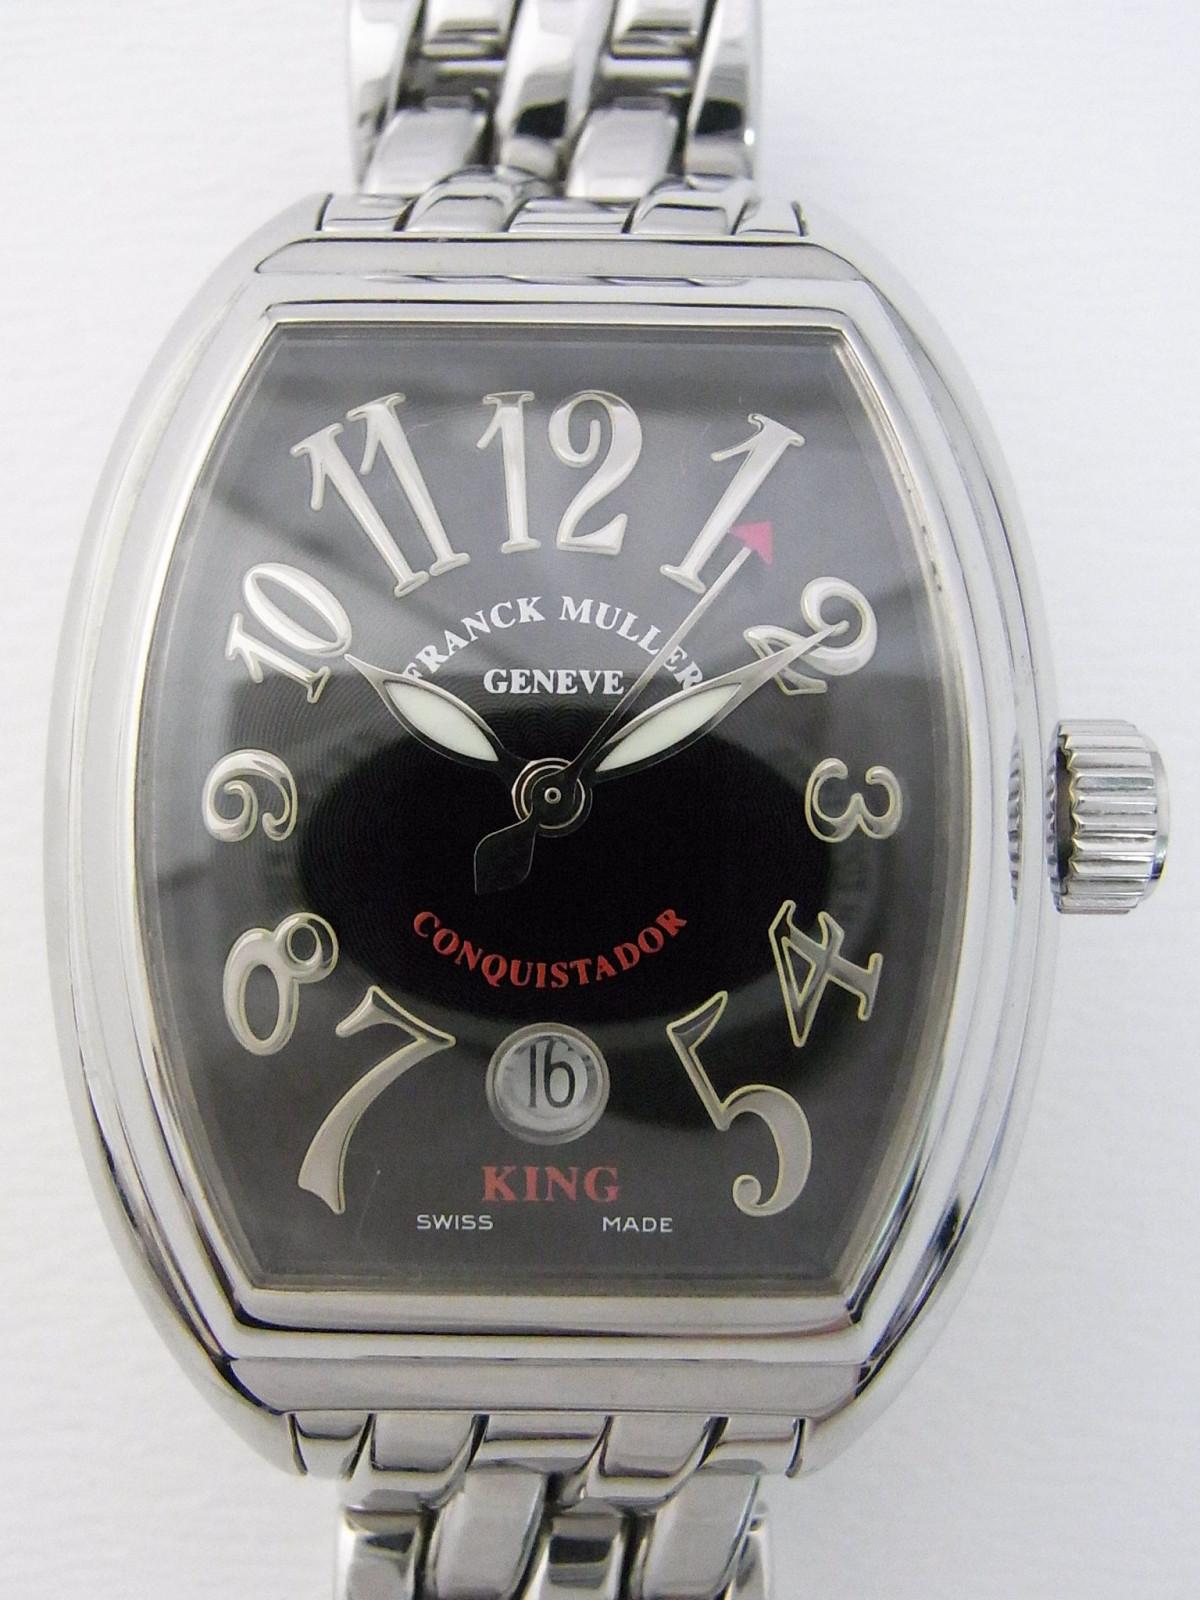 468106345f5 Franck Muller Conquistador 8002 SC KING relógio usados (€1